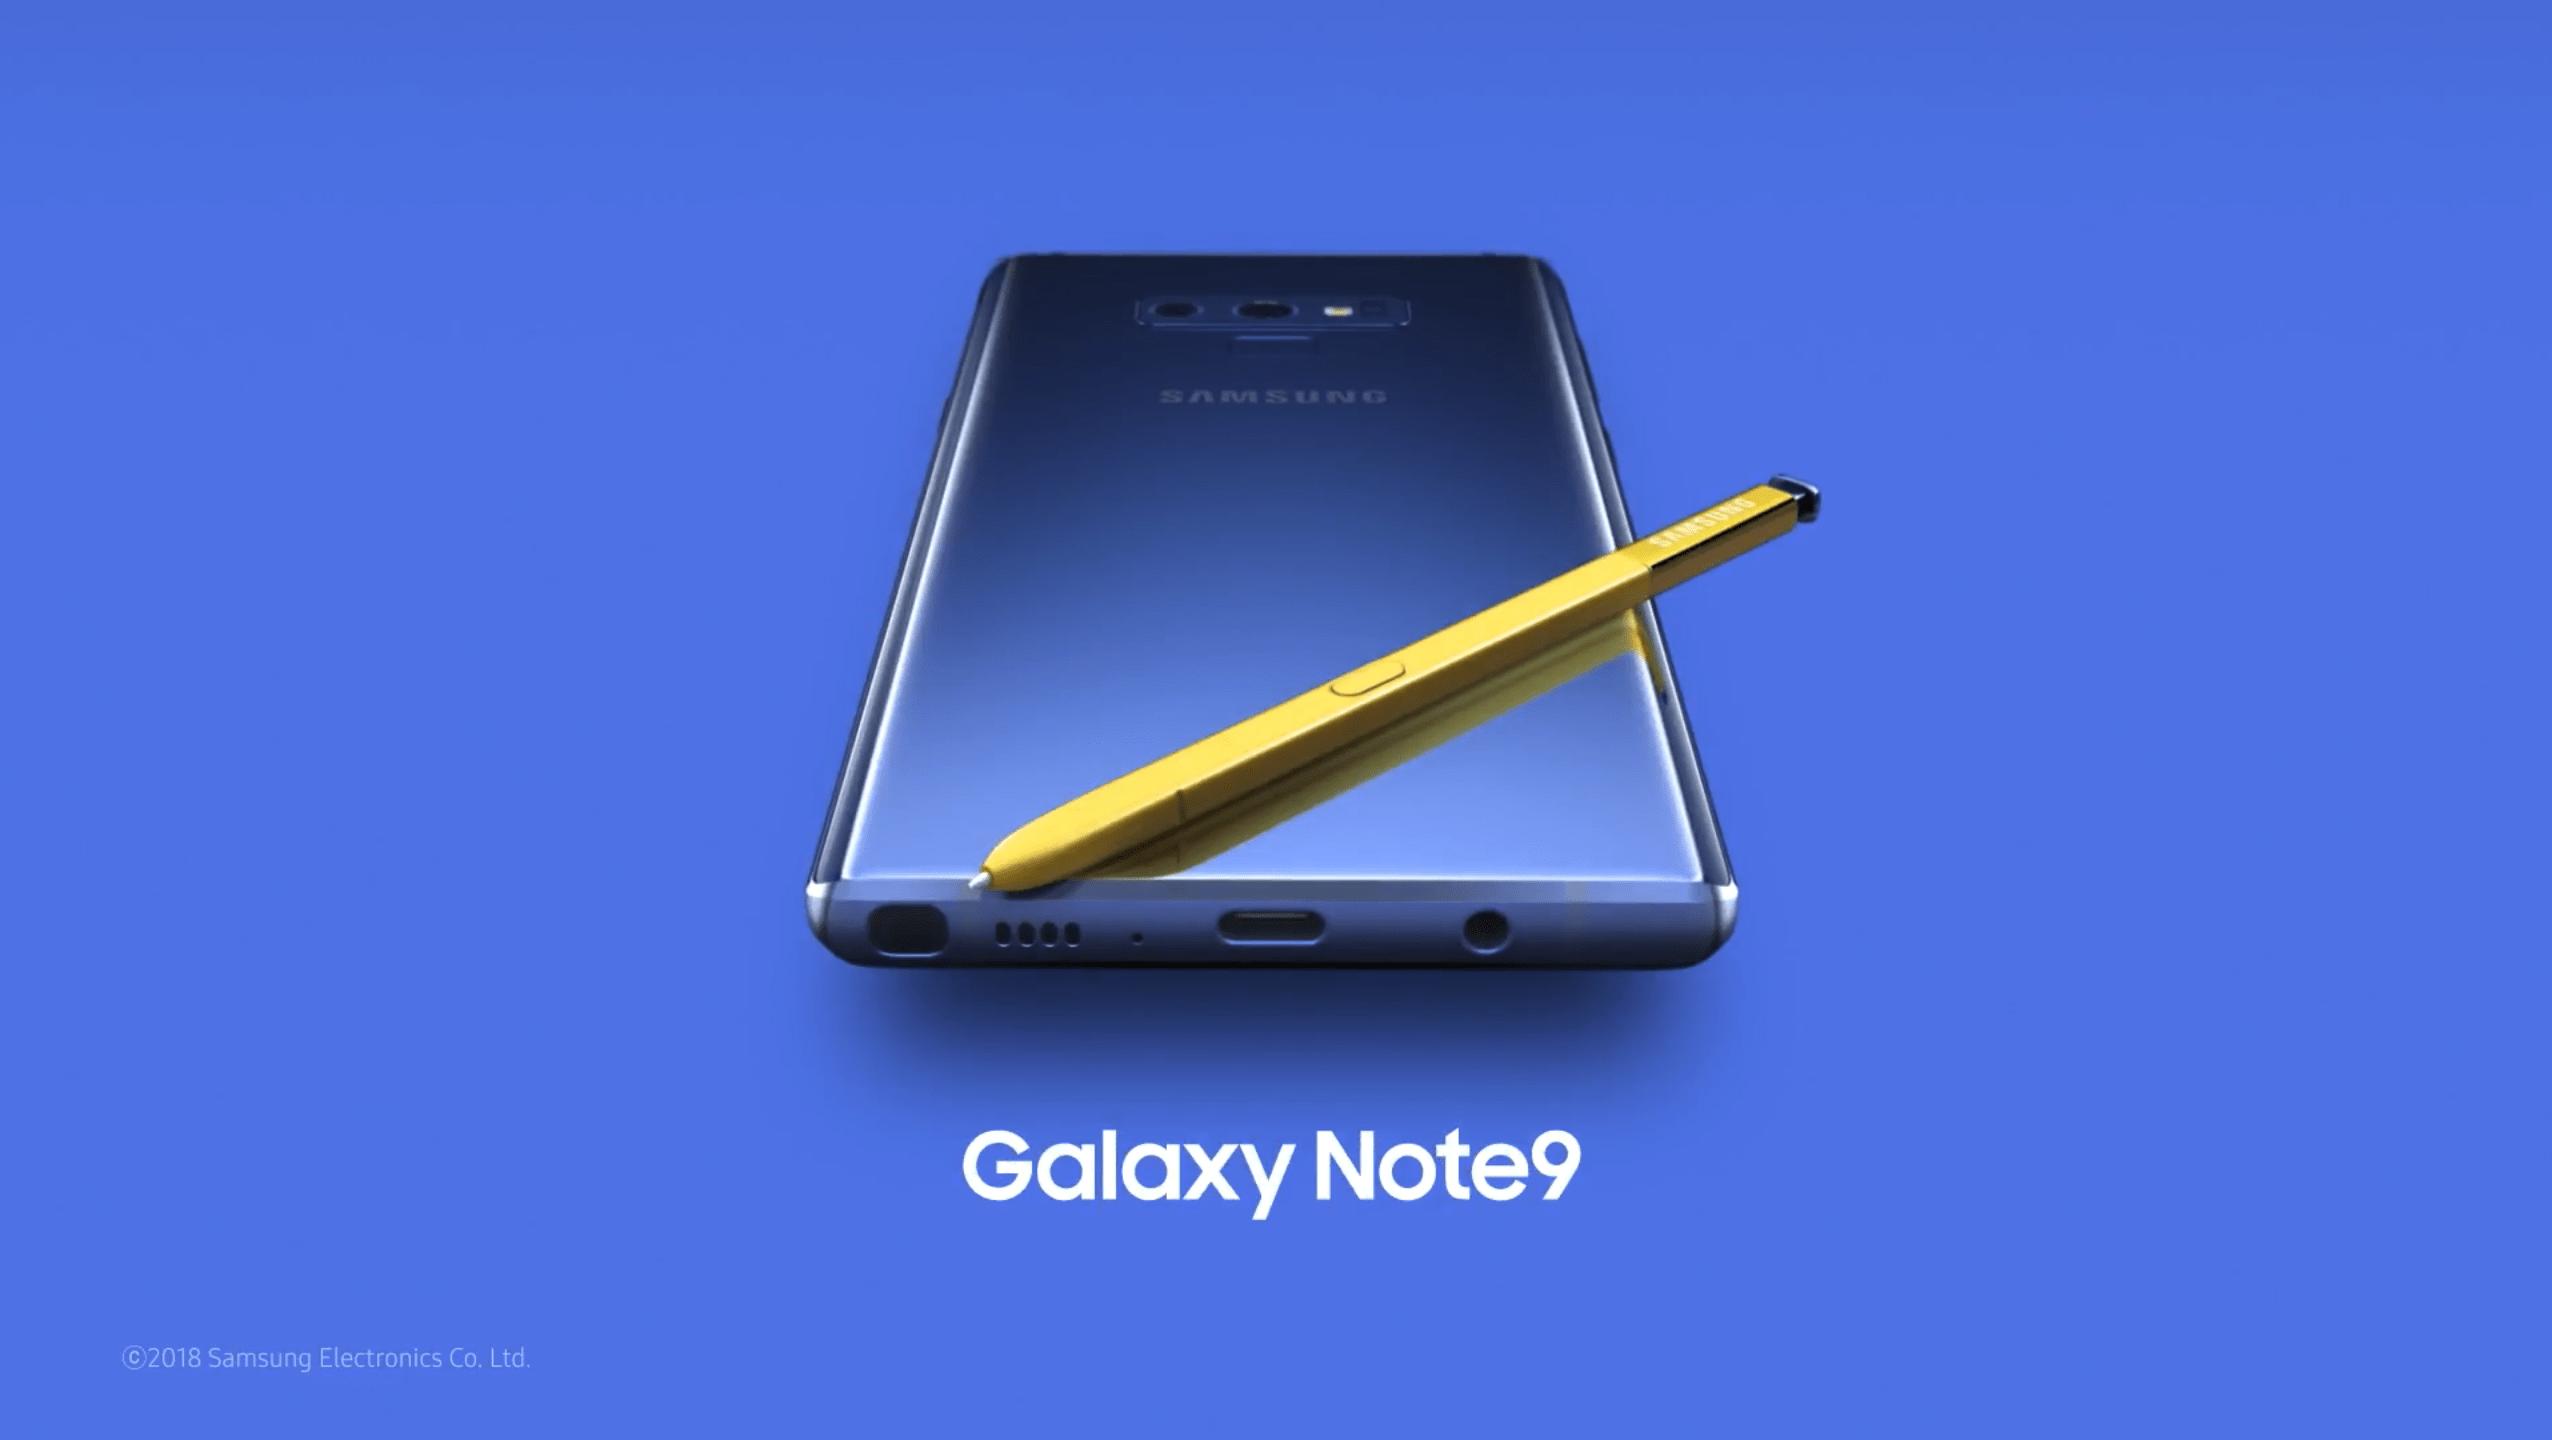 Samsung Galaxy Note 9 : une première vidéo officielle publiée par erreur